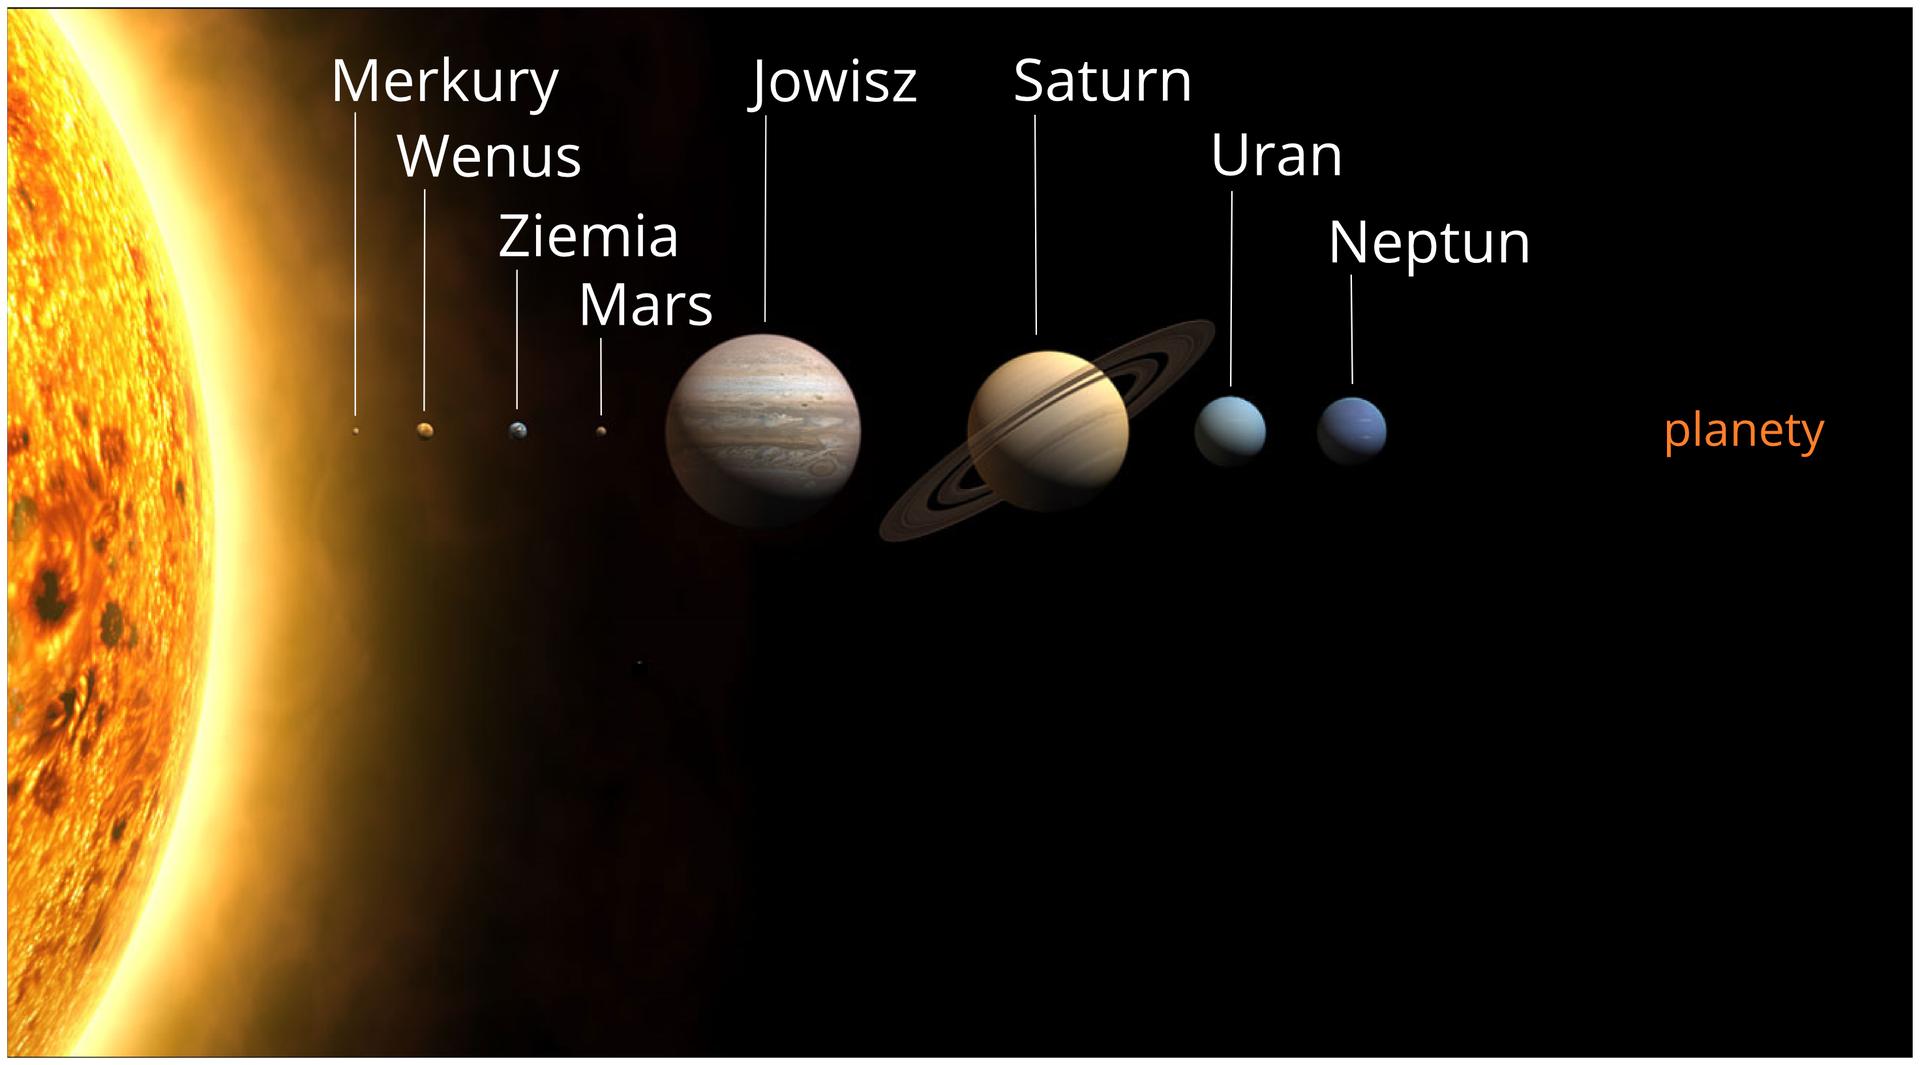 Ilustracja prezentuje porównanie wielkości planet. Po lewej stronie ilustracji widoczne we fragmencie olbrzymie żółte Słońce. Na prawo do niego kolejno bardzo mały Merkury, niewielka Wenus ipodobnej wielkości Ziemia, mały Mars, największy ze wszystkich planet Jowisz, duży Saturn, średniej wielkości Uran iNeptun.